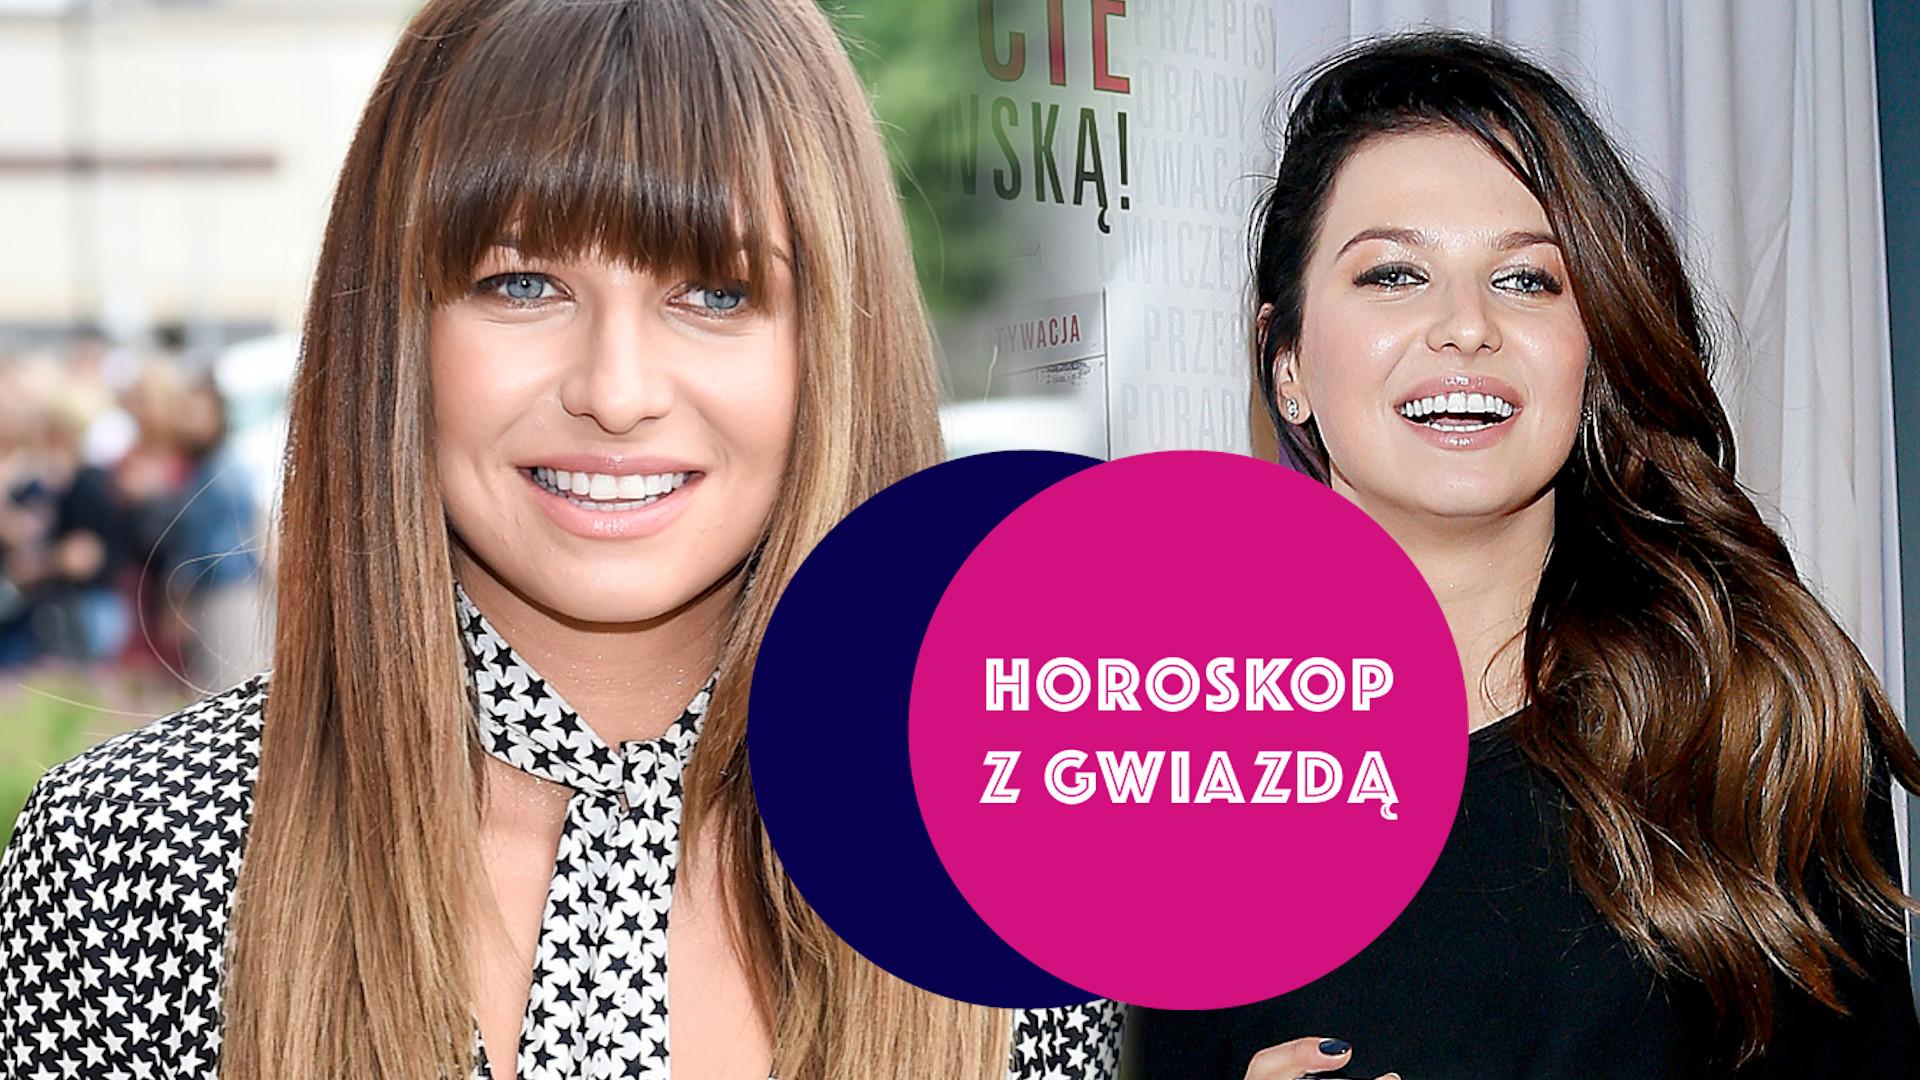 HOROSKOP Z GWIAZDĄ: Anna Lewandowska jest spod znaku Panny, a Robert Lwa – jaki tworzą związek?